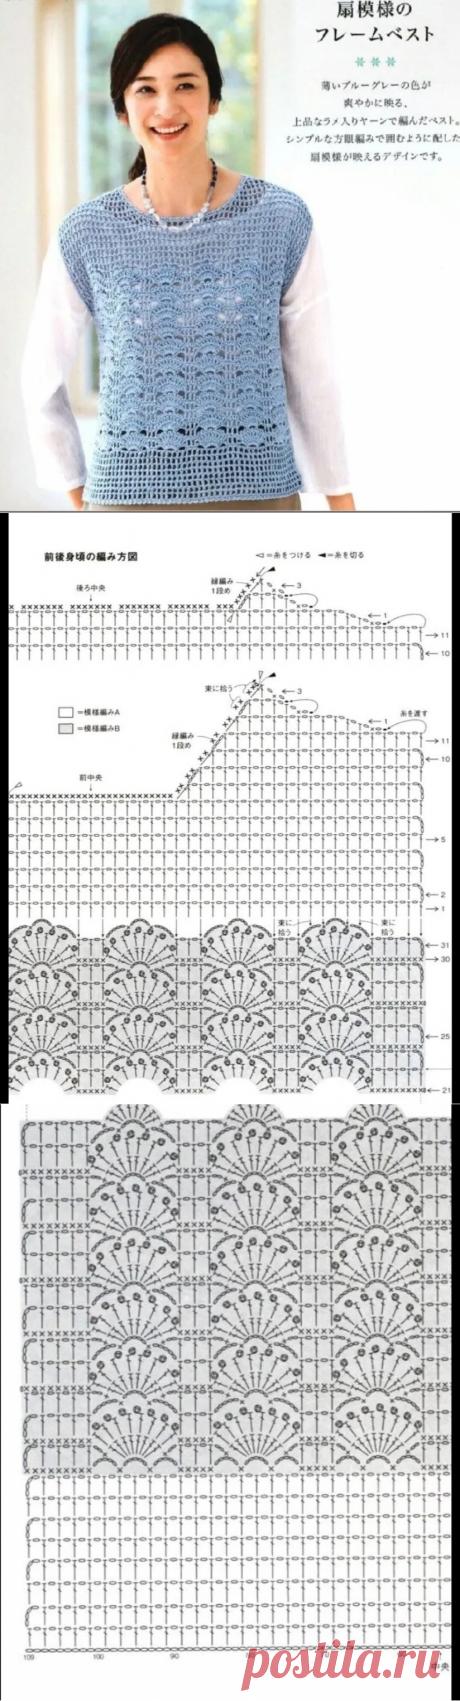 Летние фантазии крючком. Идеи для вязания со схемами. | Волшебный клубочек! | Яндекс Дзен